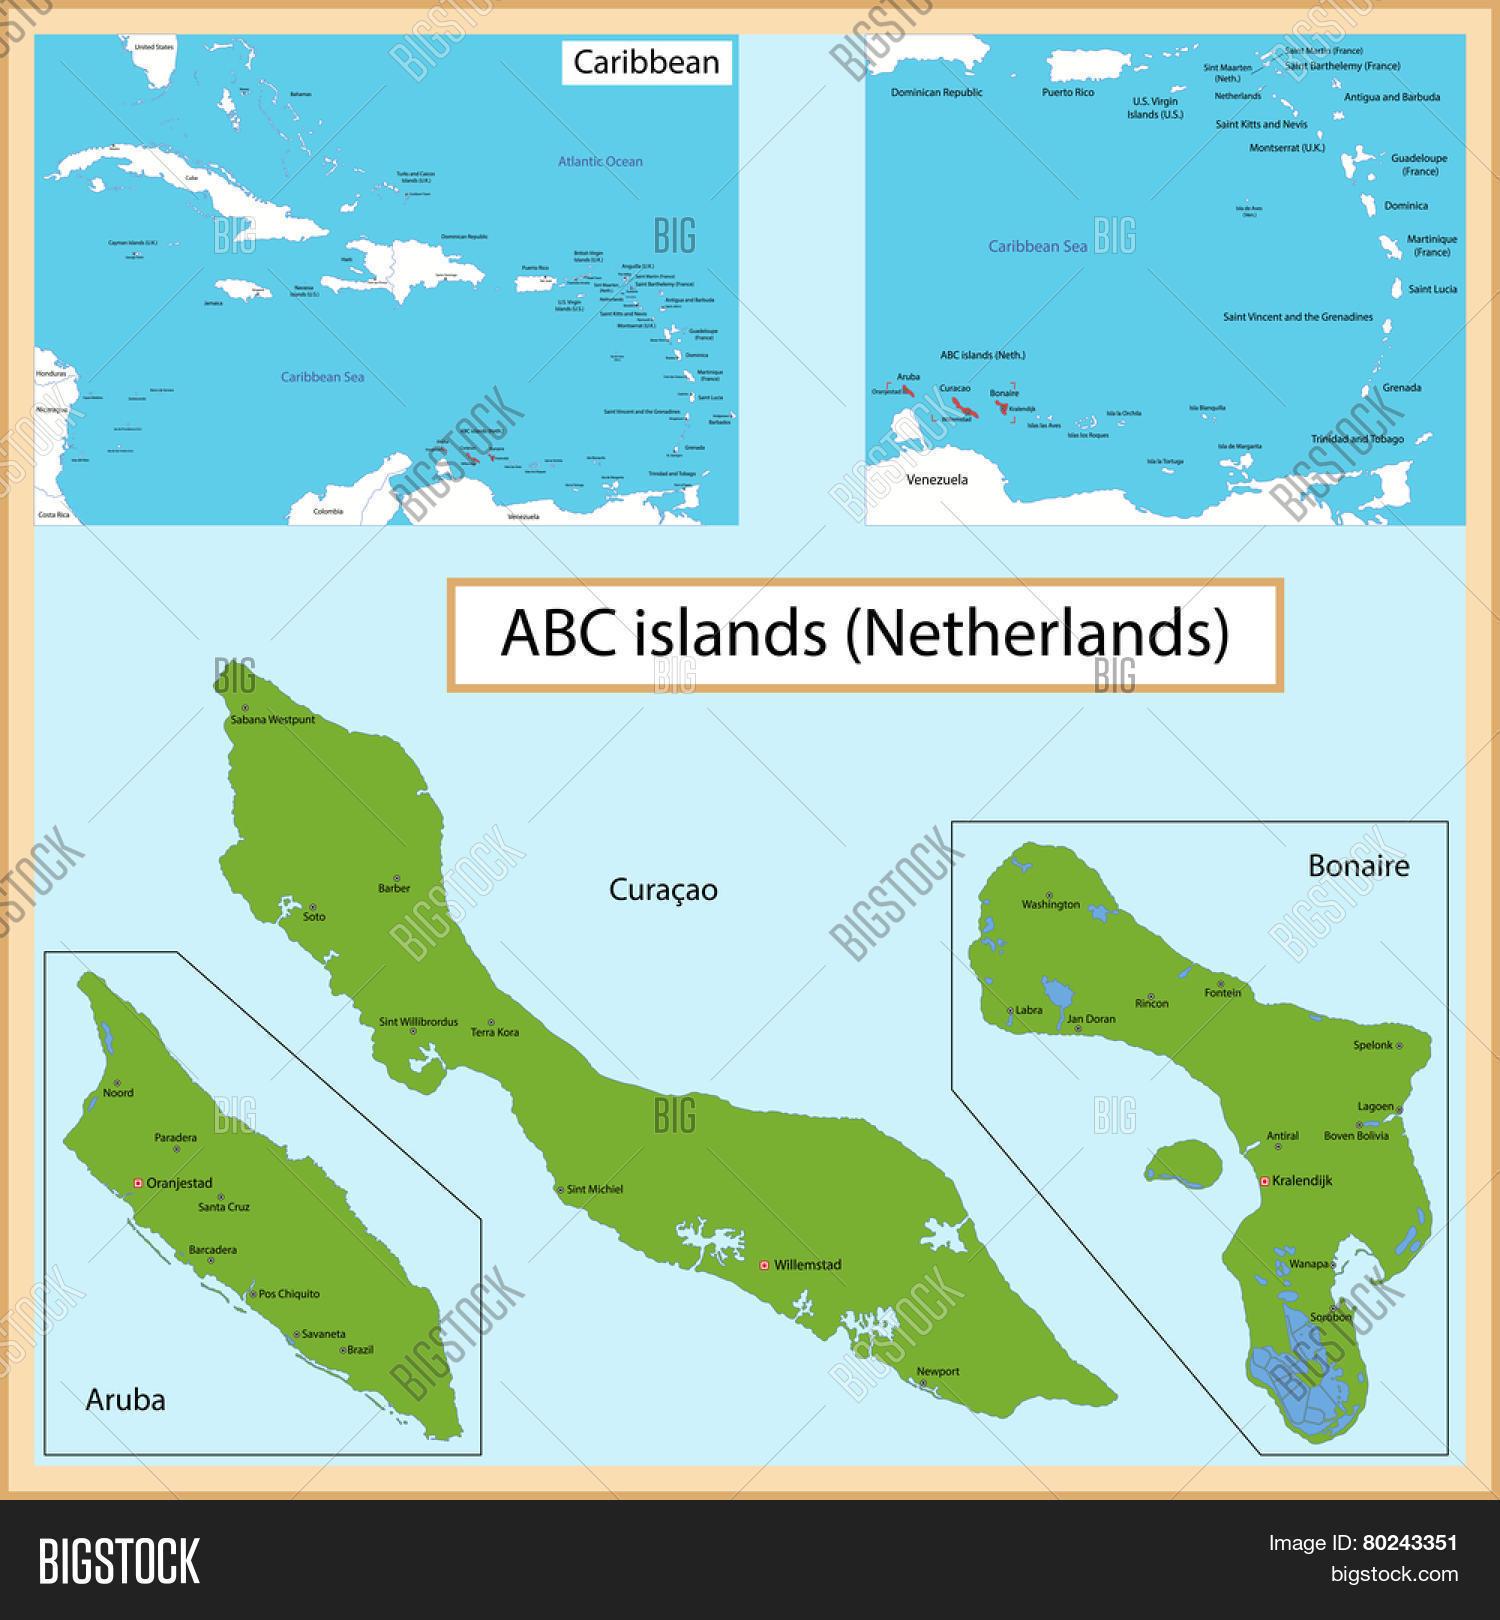 Curacao Island Map Curacao Map Map Of Curacao Curacao Map Crmapshtml - Aruba physical map